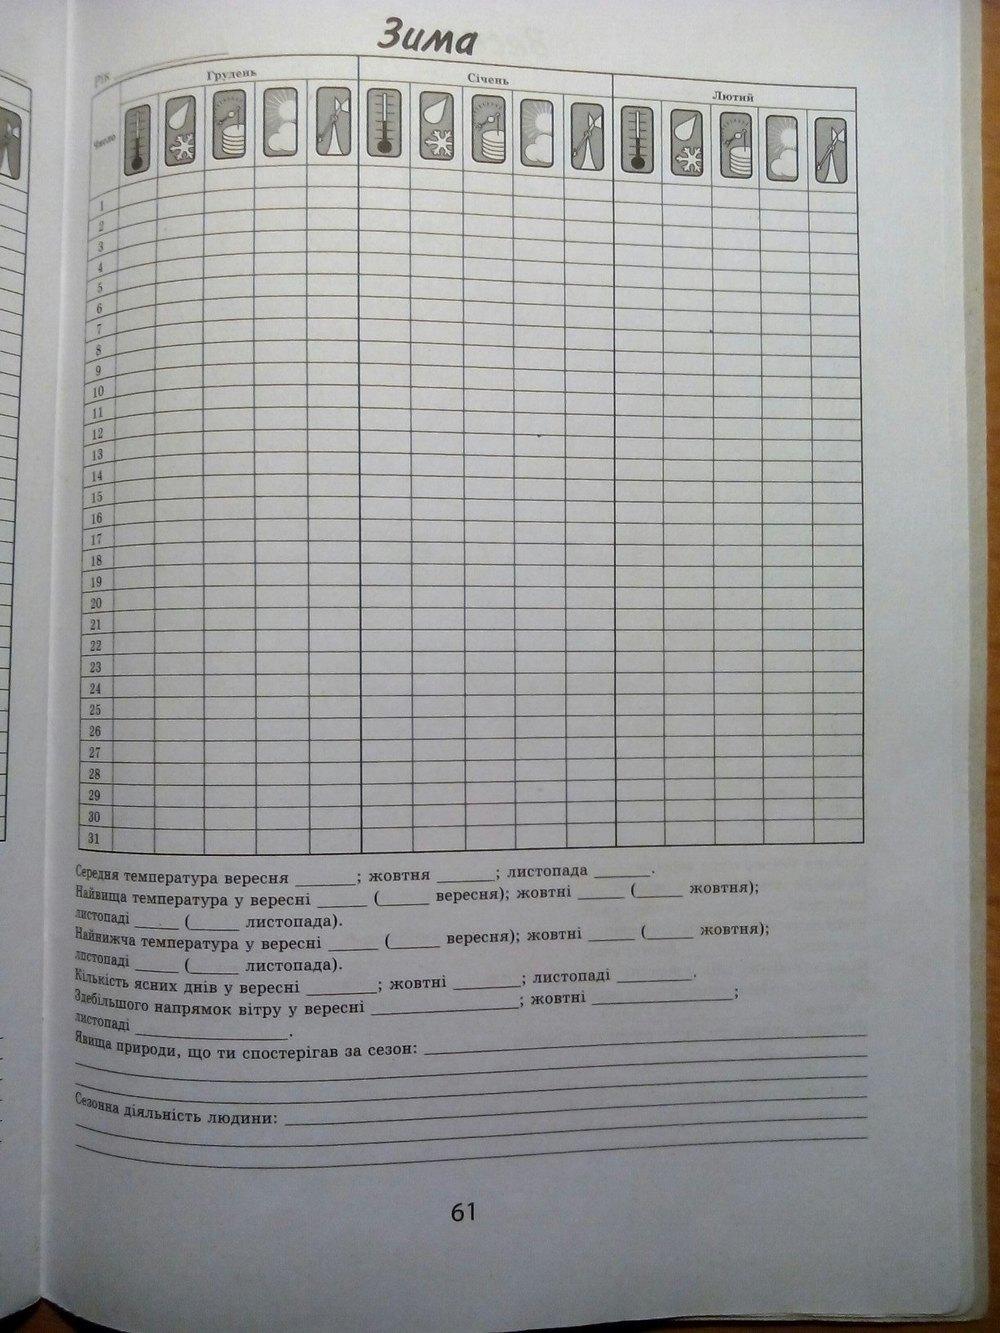 ГДЗ відповіді робочий зошит по биологии 5 класс. Задание: стр. 61